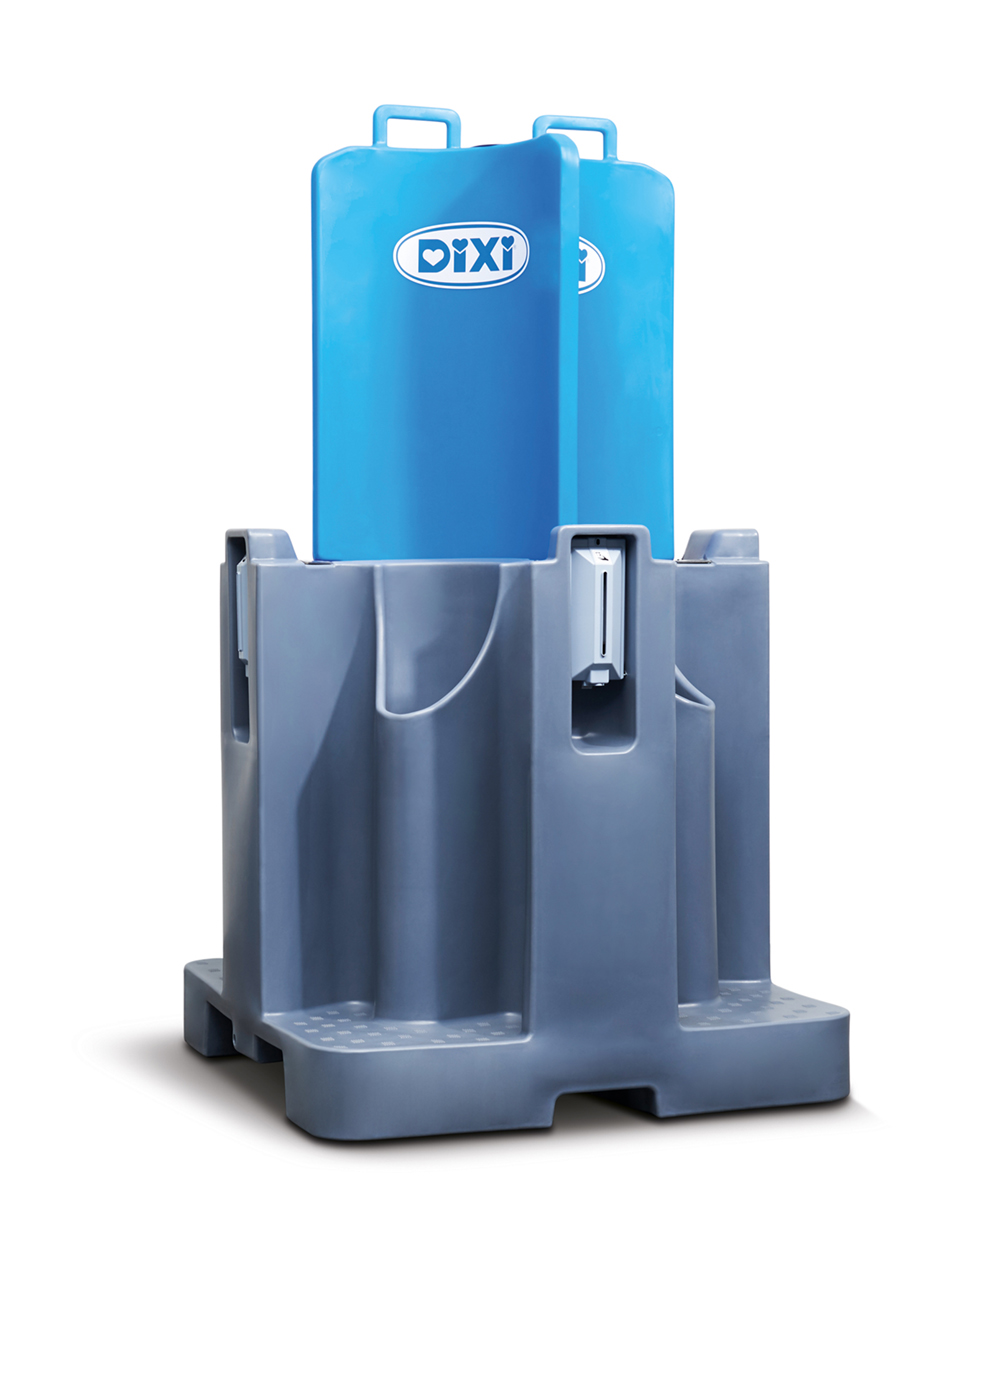 Dixi Klo Kaufen : dixi uri das kompakte mobile urinal f r alle gro events dixi klo b rocontainer mieten ~ Aude.kayakingforconservation.com Haus und Dekorationen